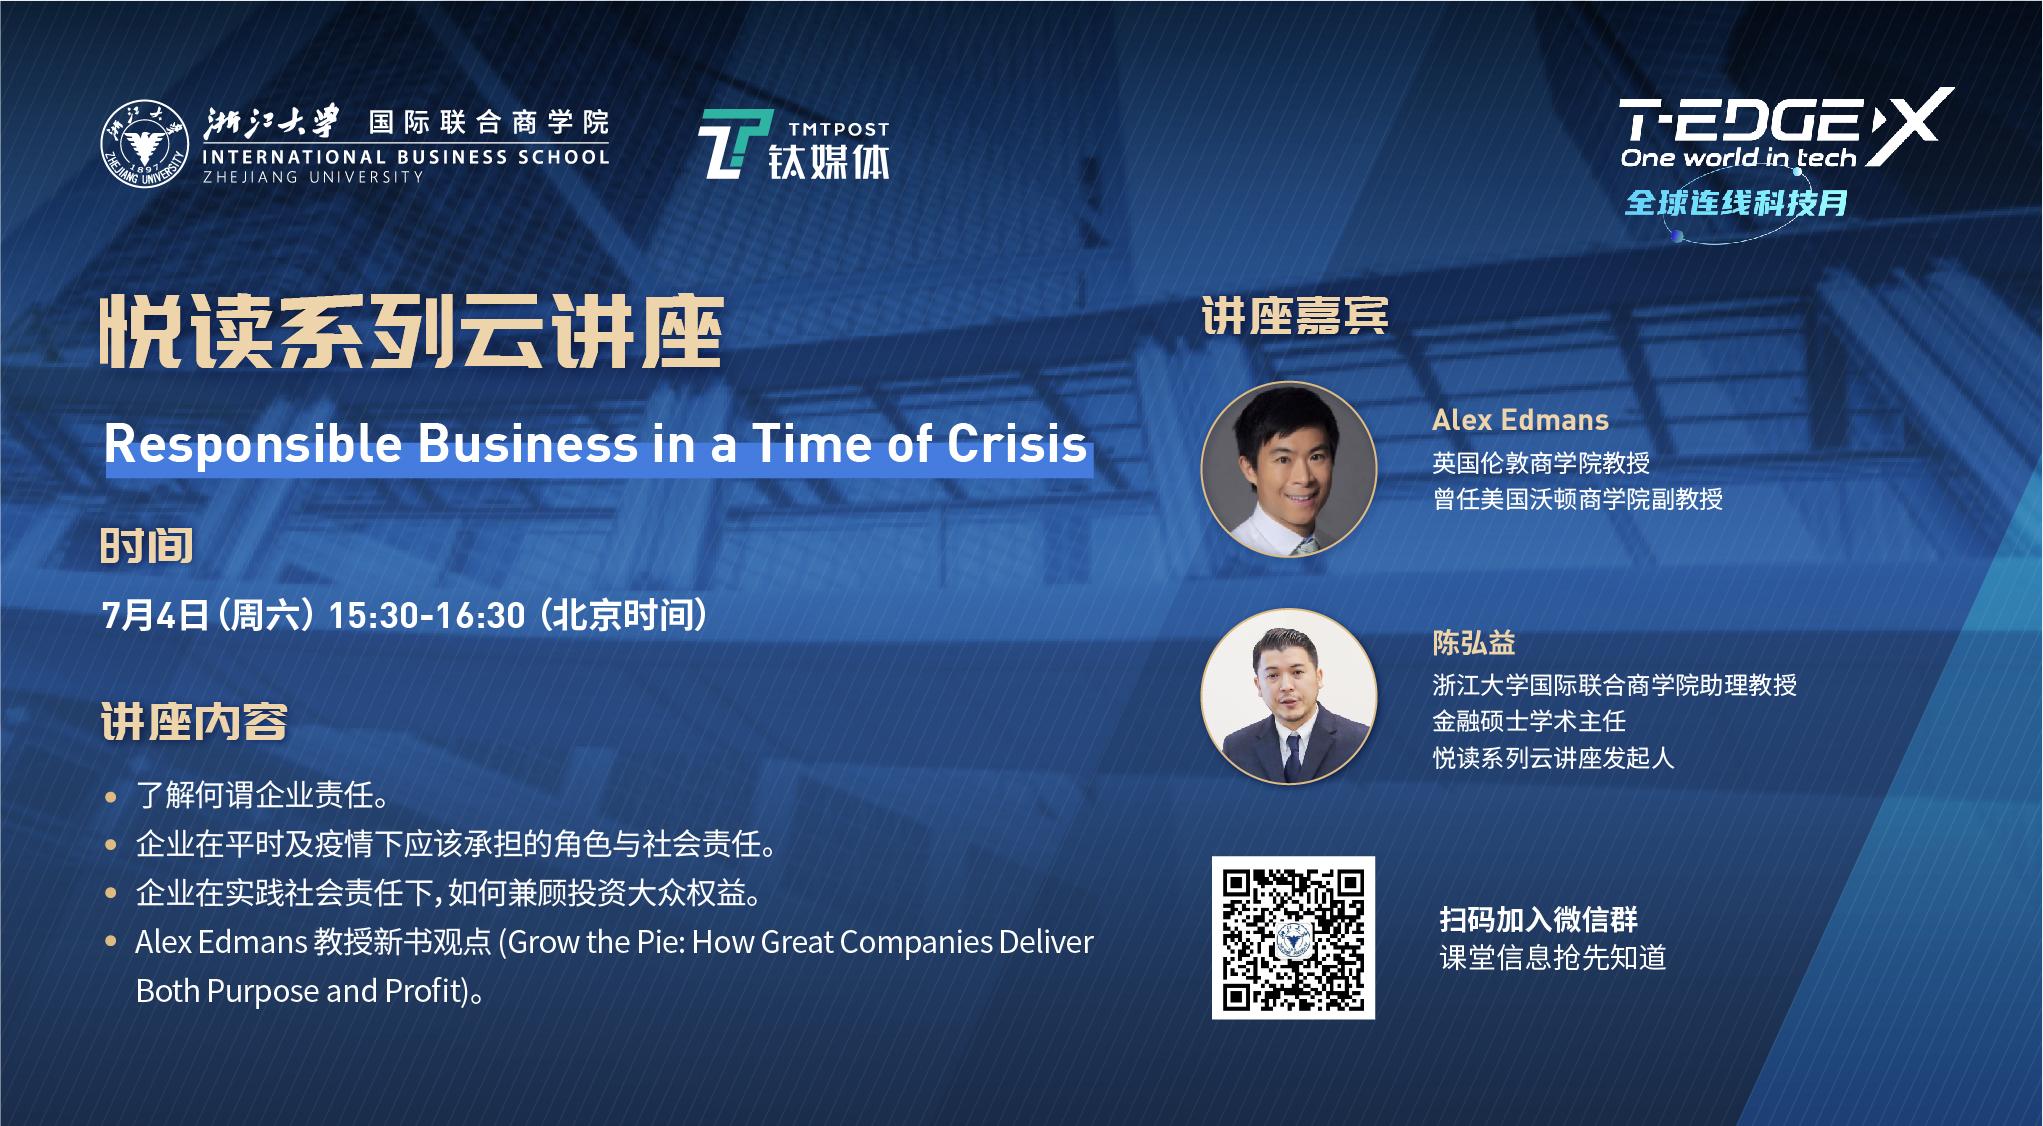 钛媒体读书会:【悦读系列】Responsible Business in a Time of Crisis